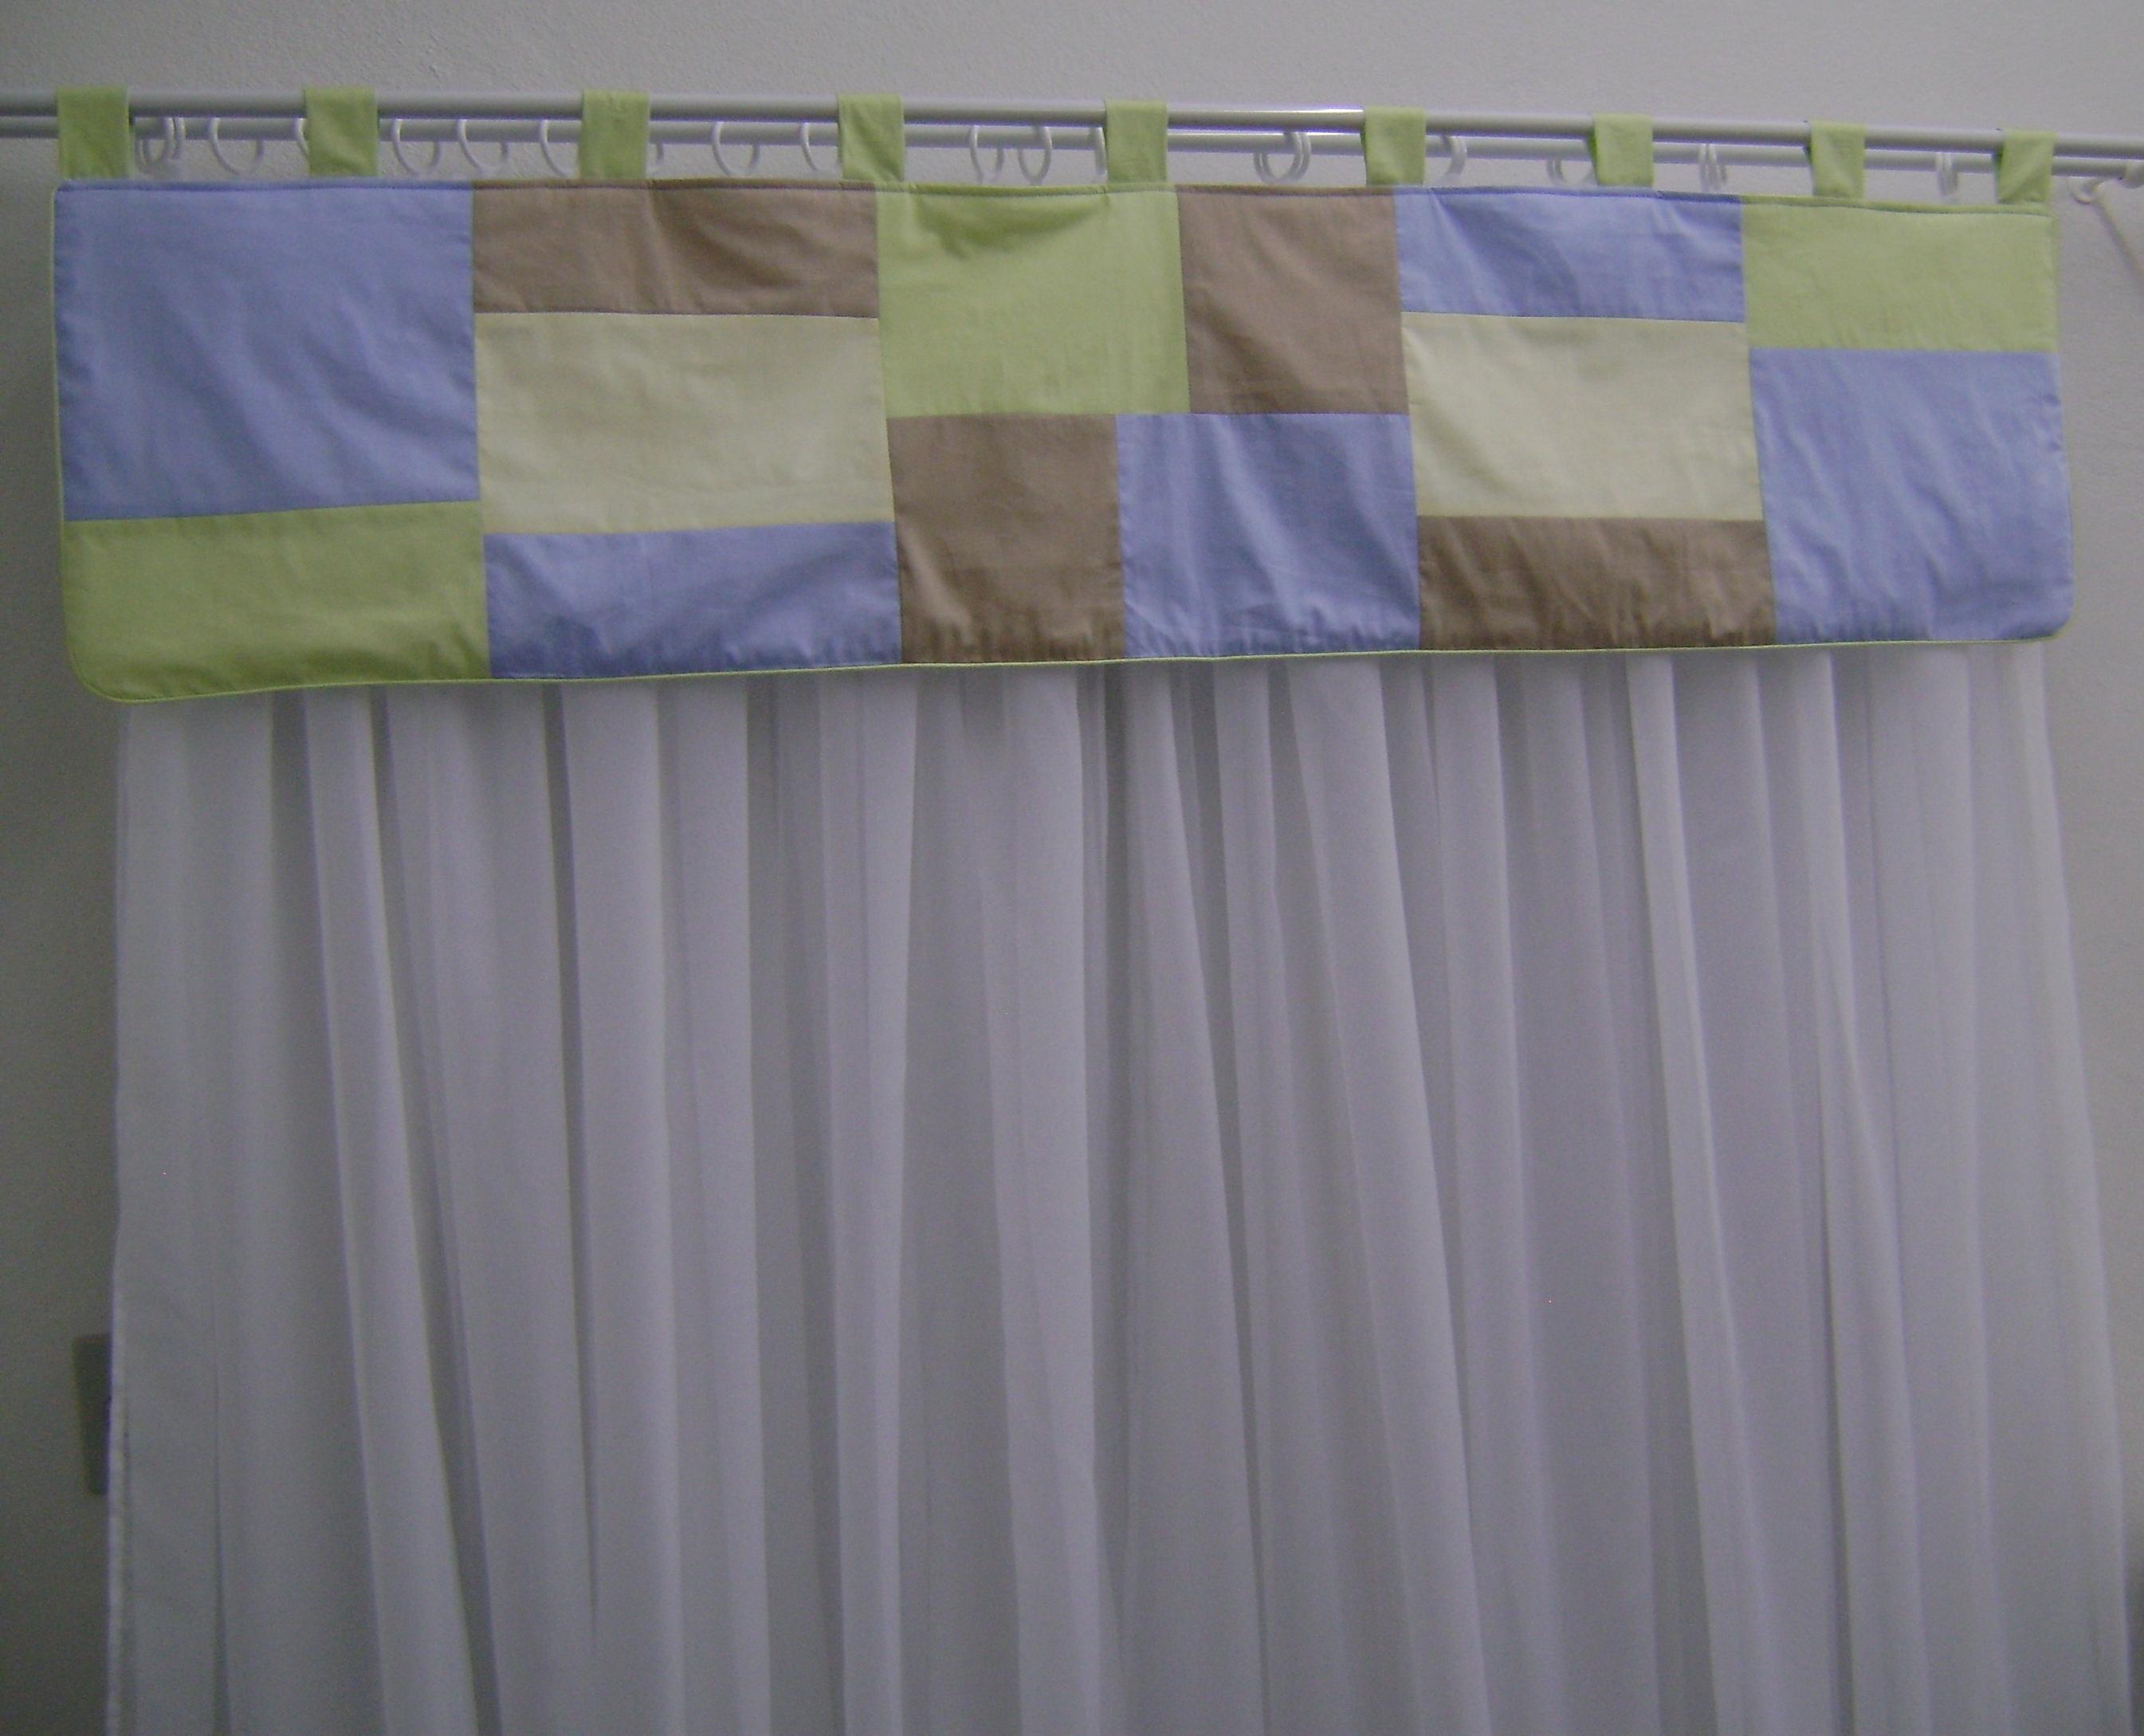 20170408141501 cortina safari para quarto de bebe - Cortina para bebe ...